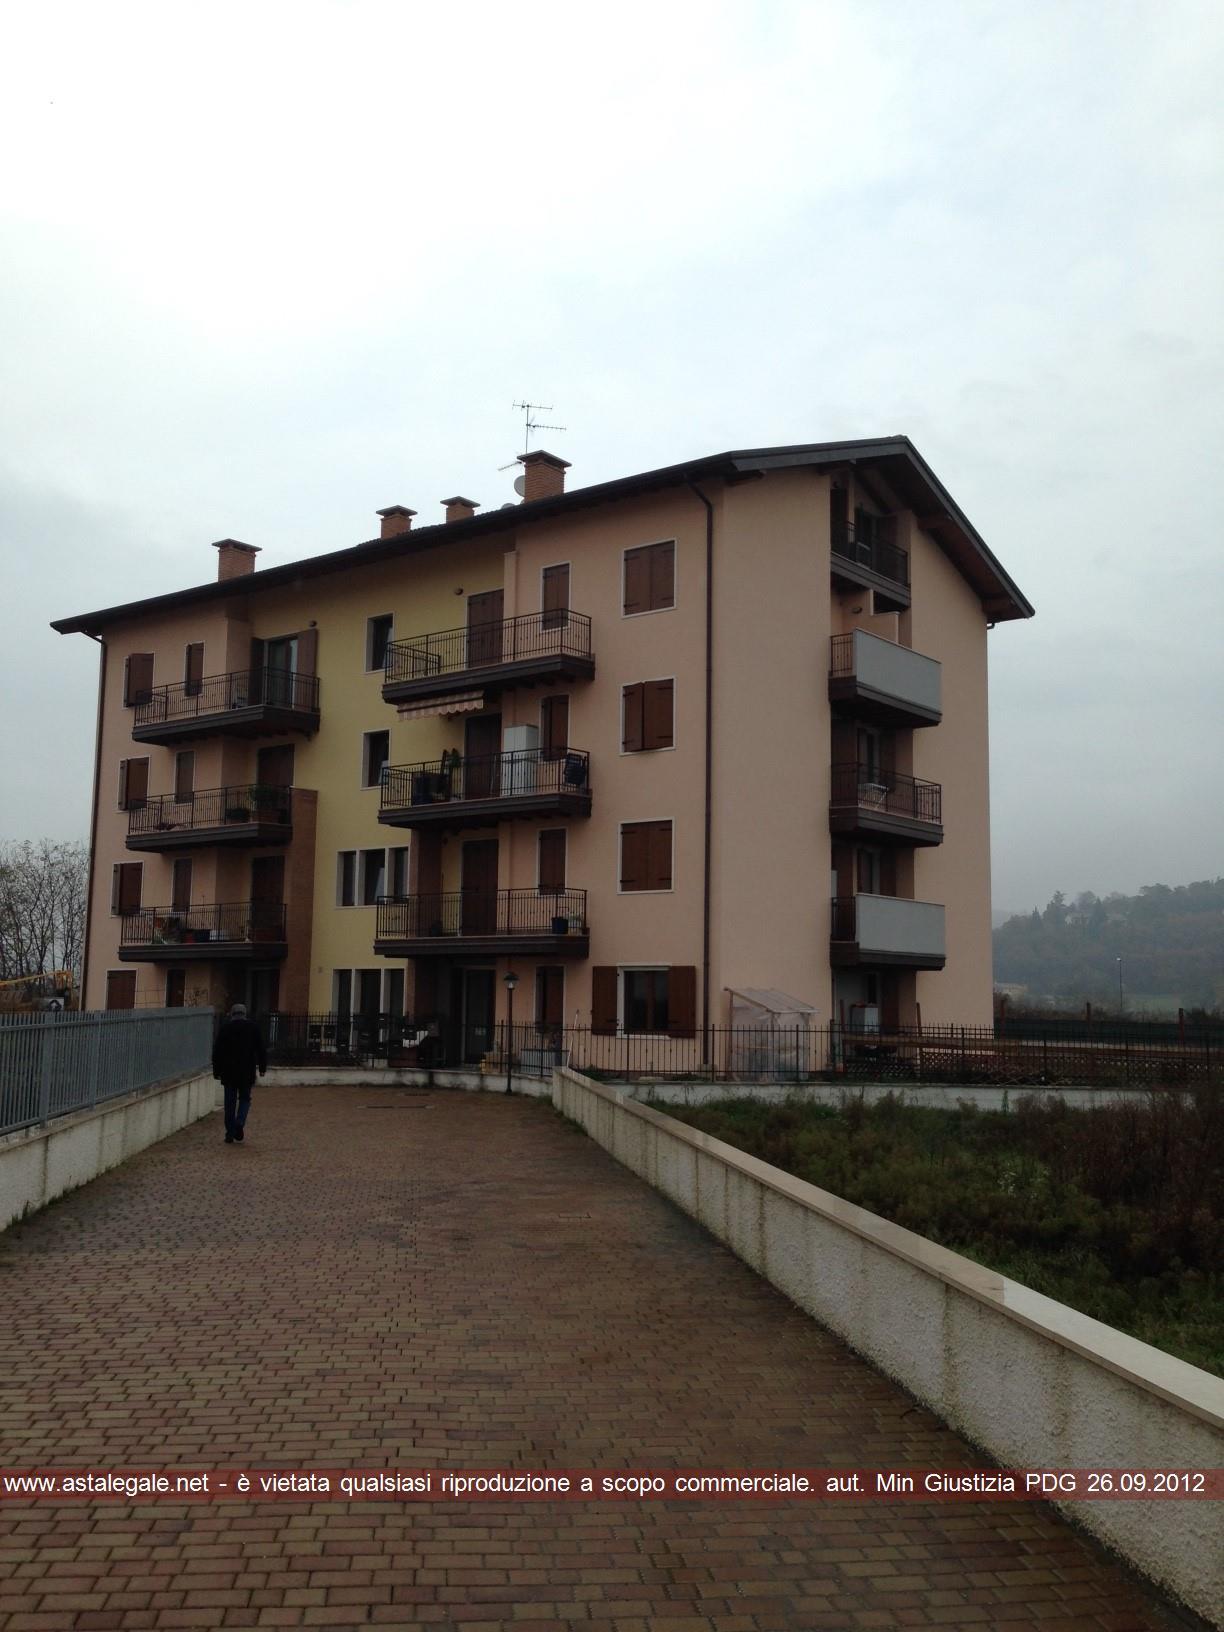 San Martino Buon Albergo (VR) Via Gianfranco Miglio 3